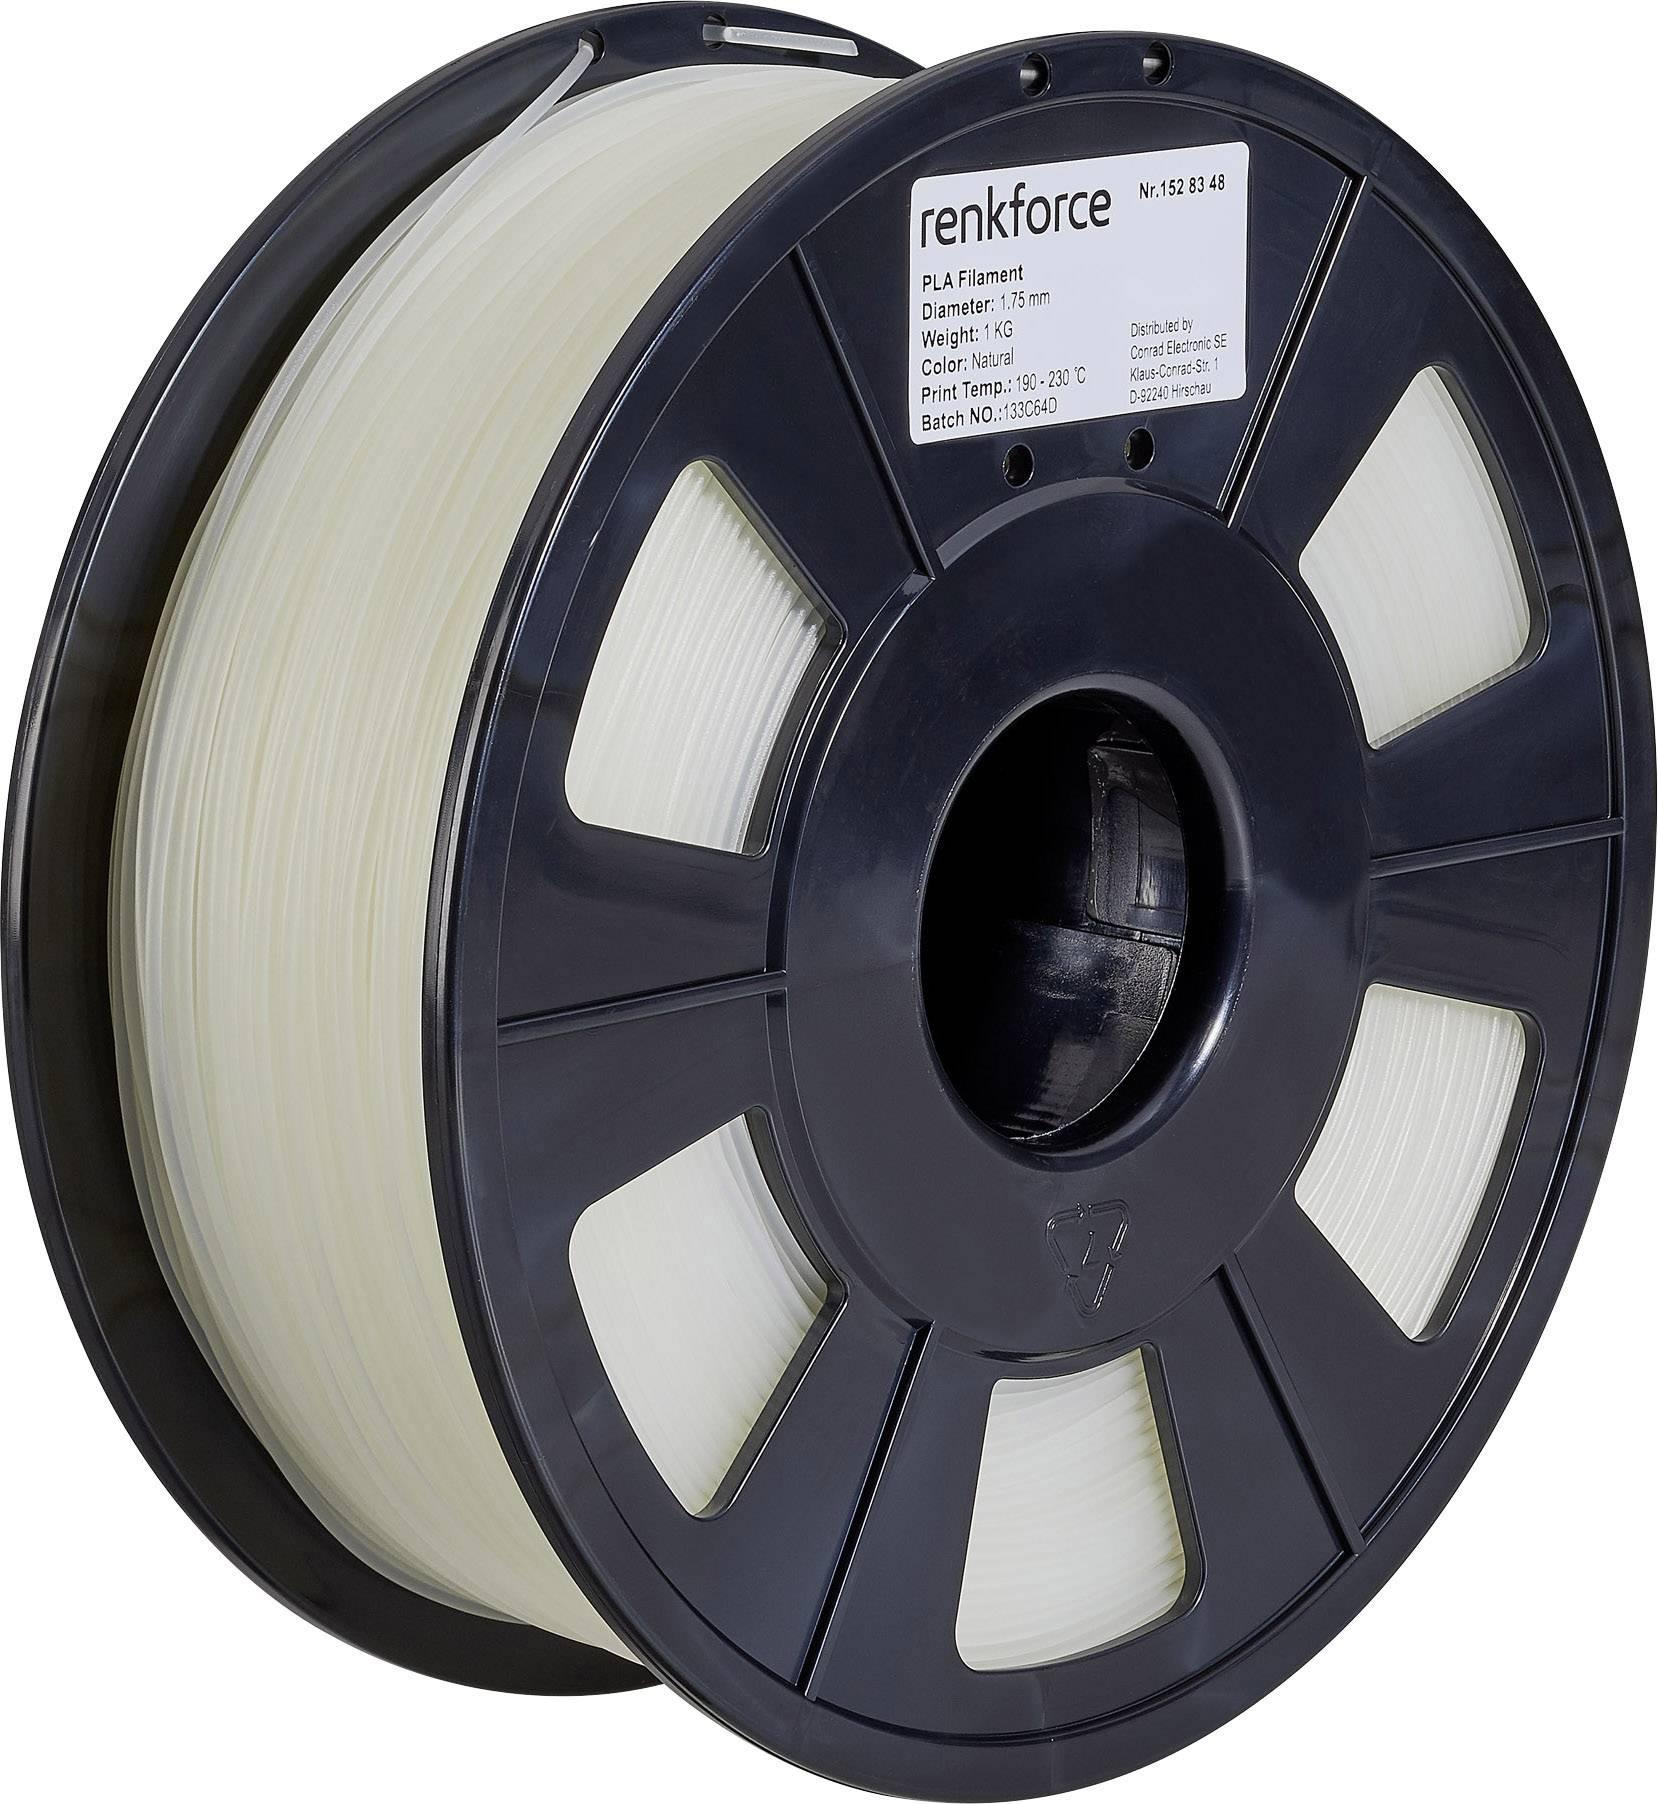 Vlákno pro 3D tiskárny Renkforce 01.04.01.1101, PLA plast, 1.75 mm, 1 kg, transparentní